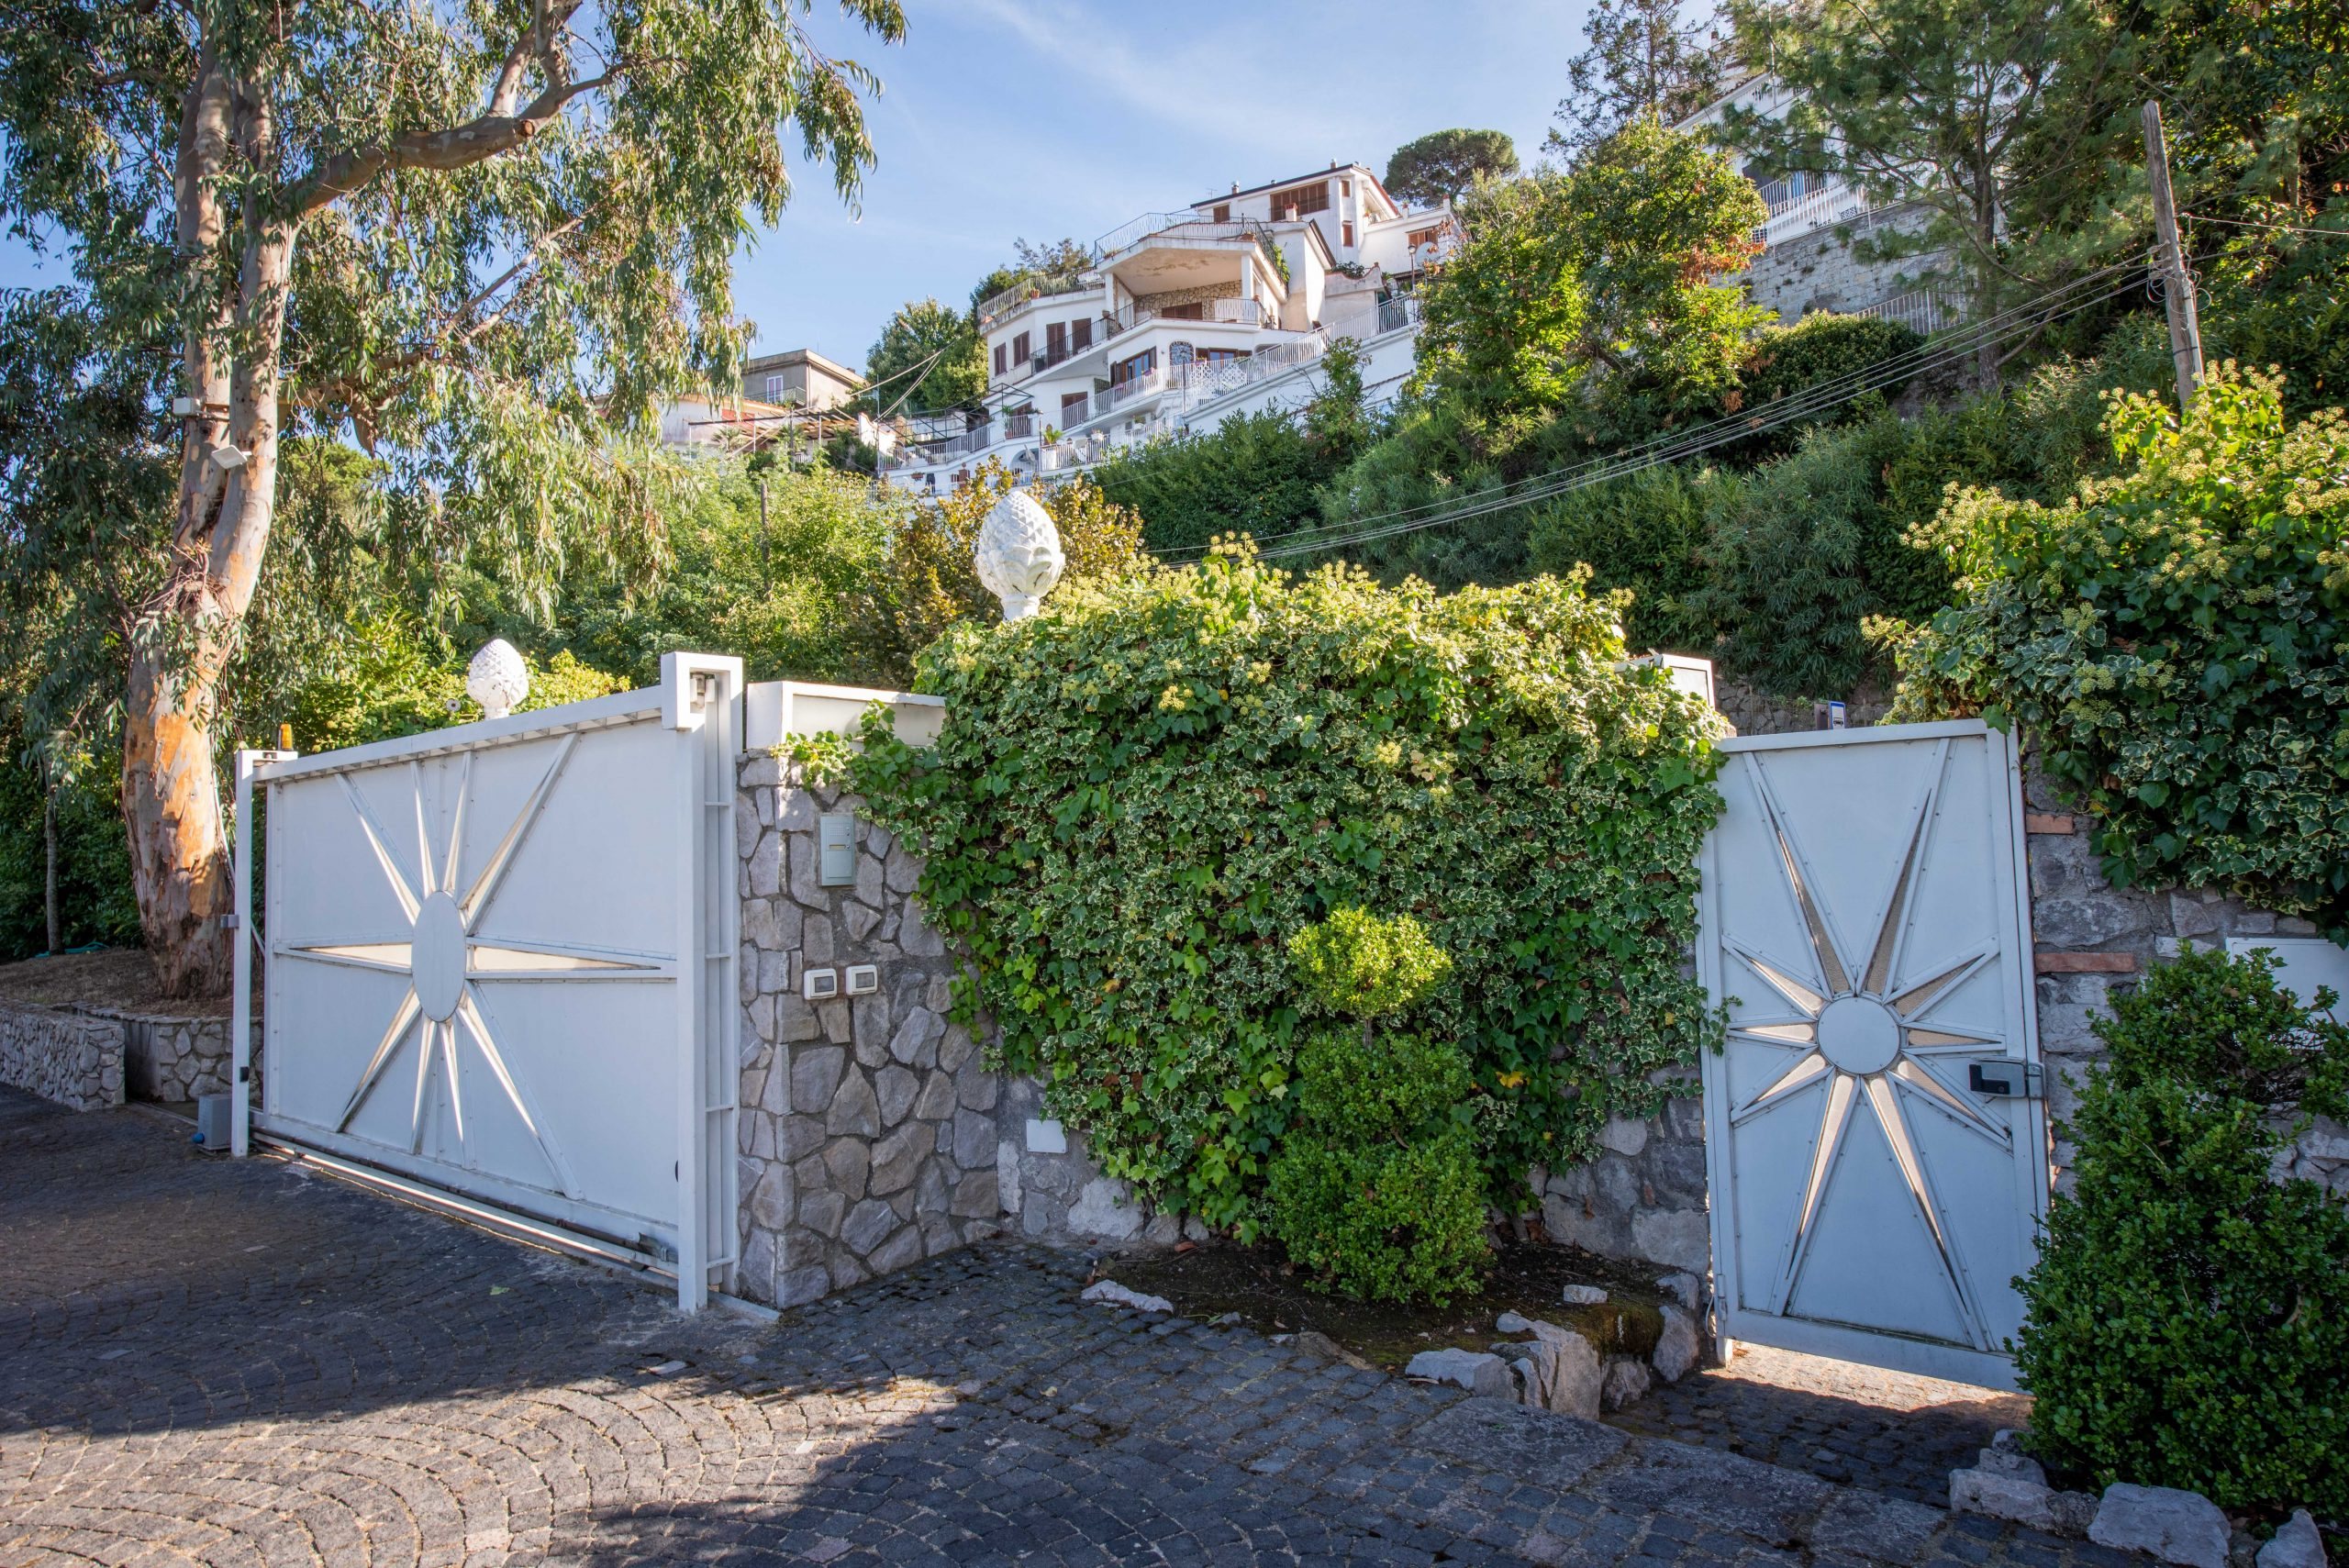 Villa Acampora Sorrento Outdoor